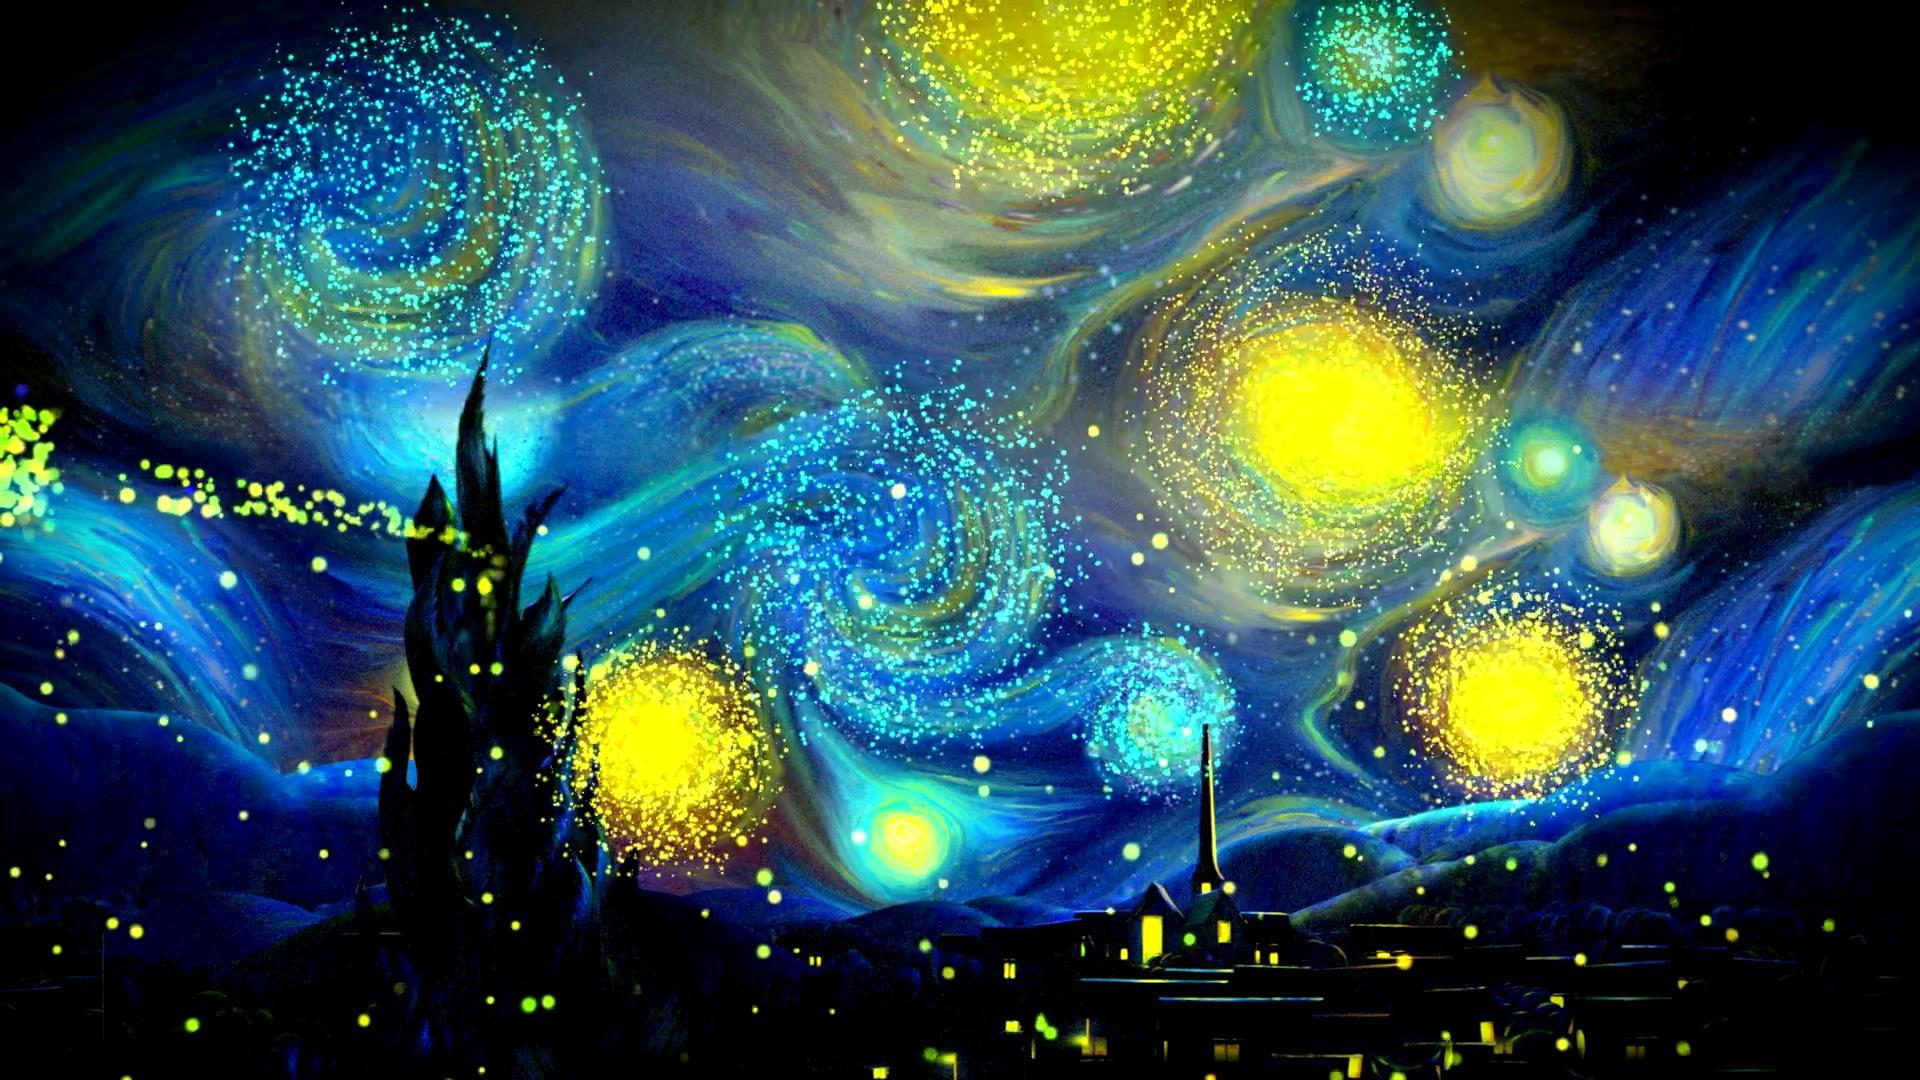 梵高星空粒子演出背景